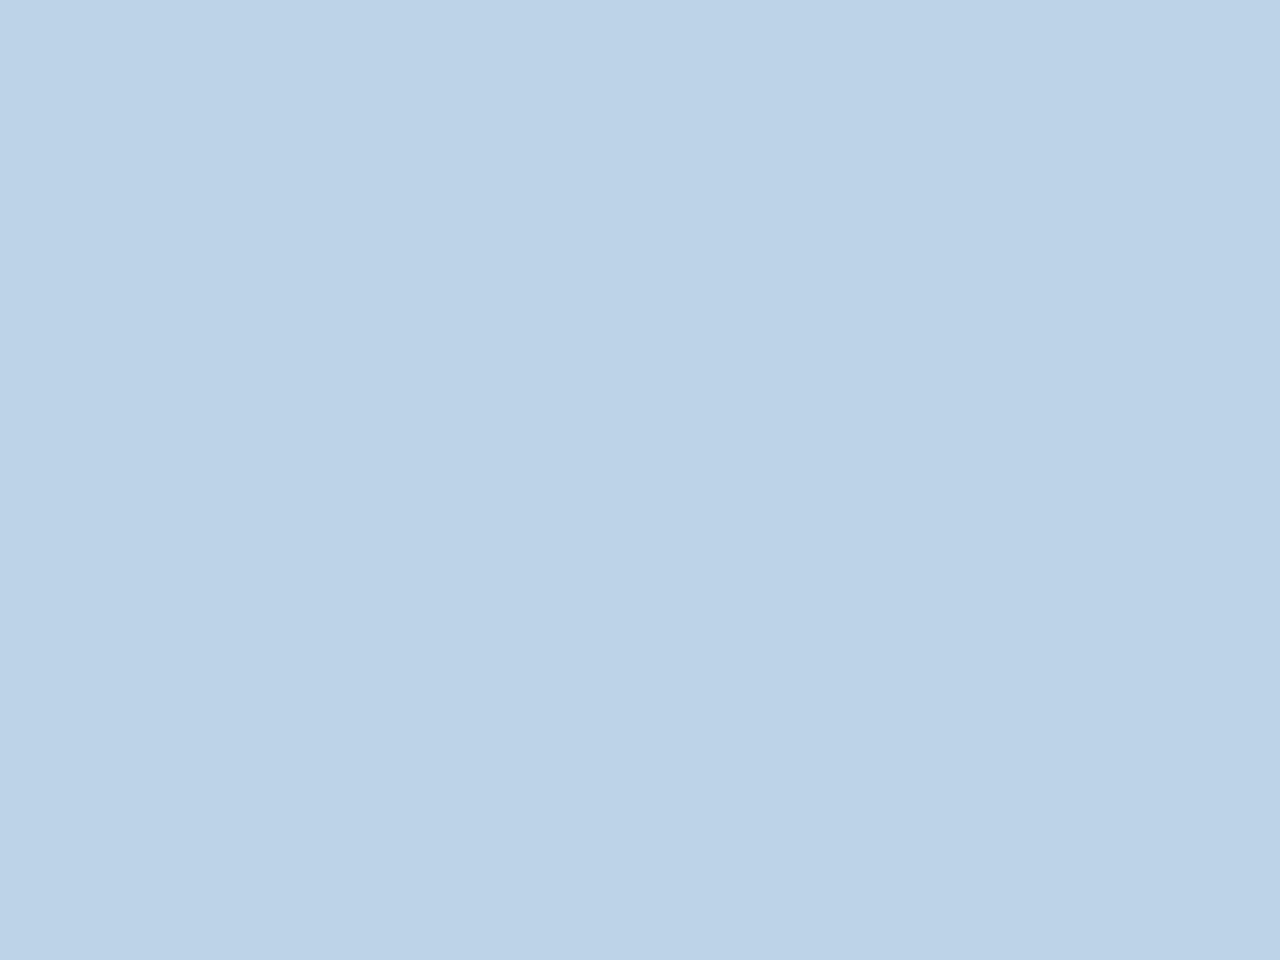 1280x960 Pale Aqua Solid Color Background